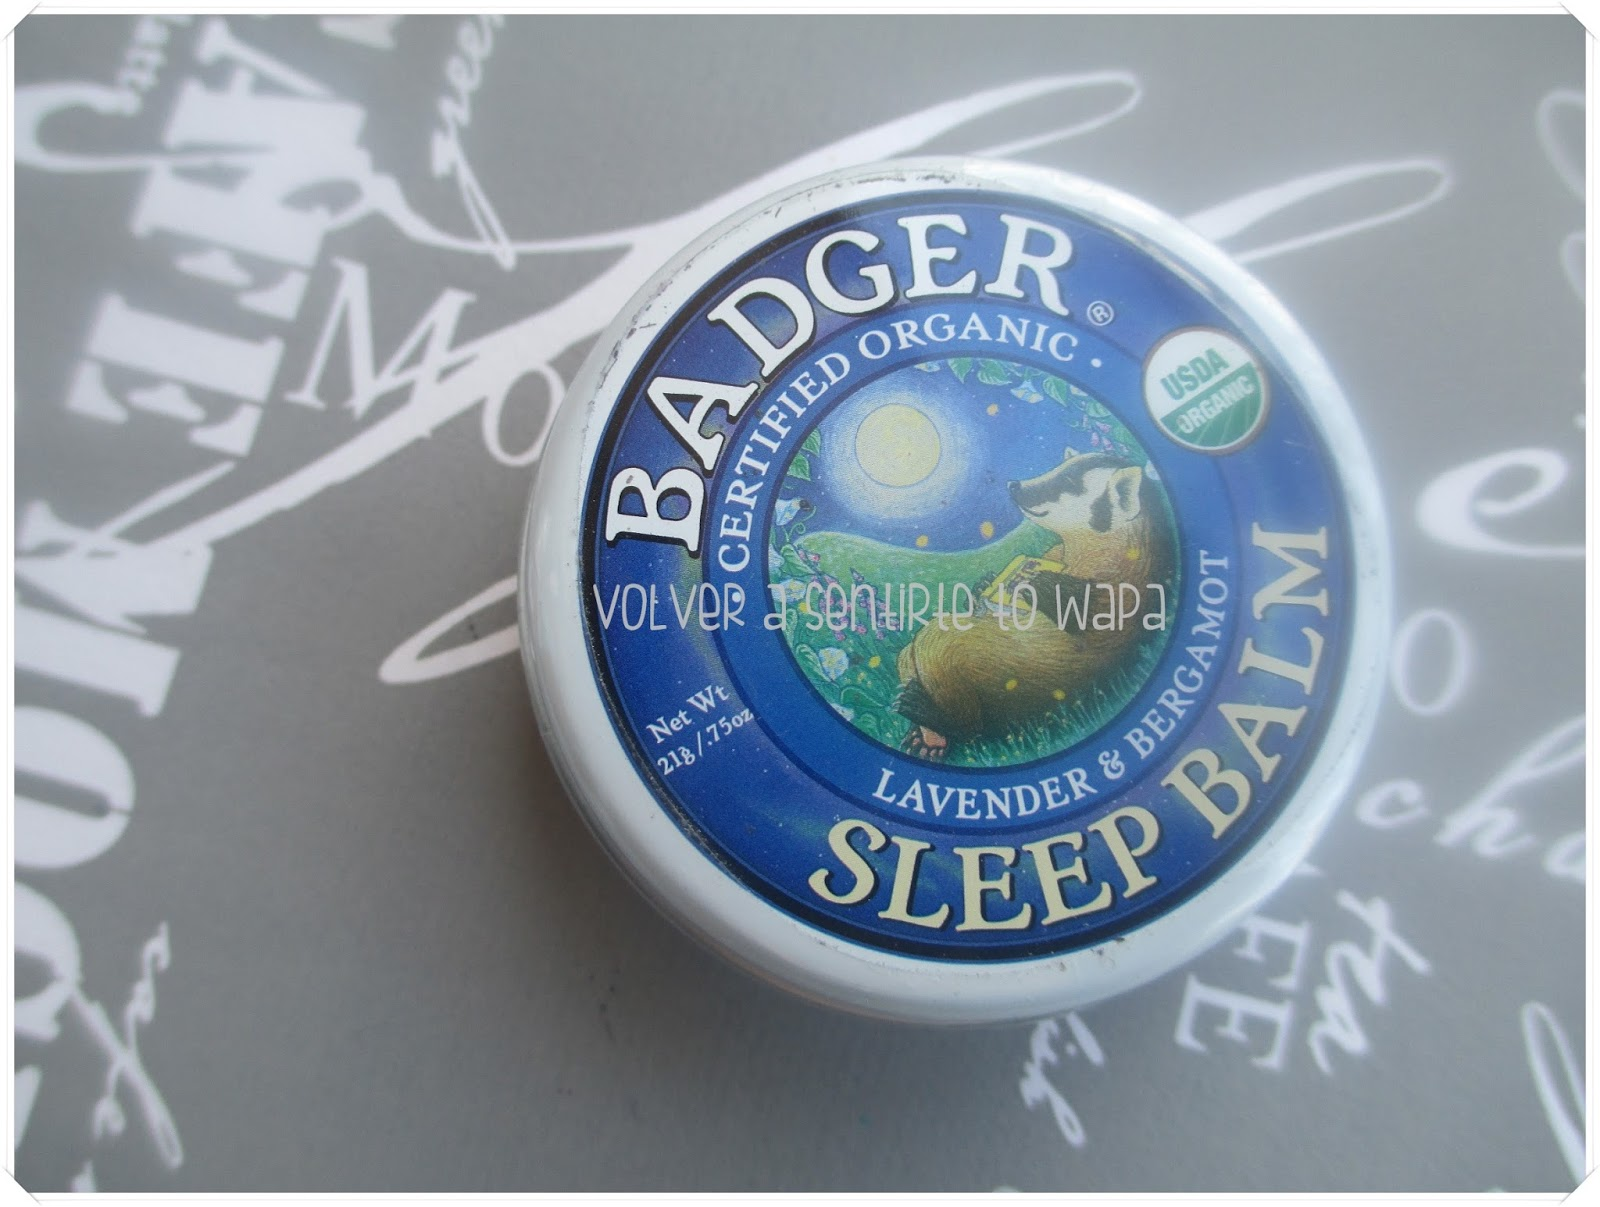 iHerb - Bálsamo de lavanda y bergamota para dormir de Badger Company